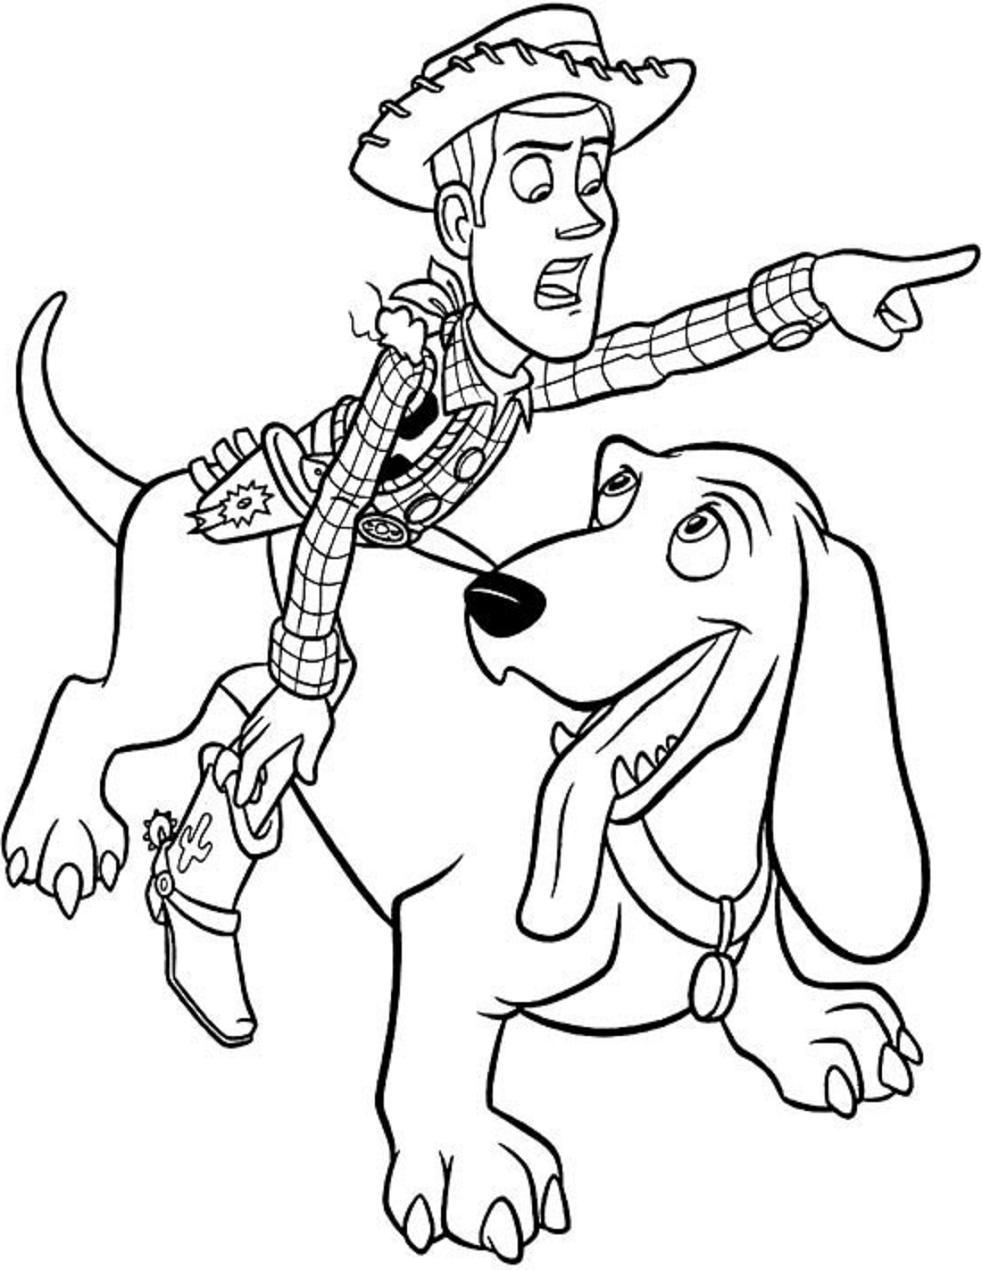 Dibujos De Woody Montando Perro Para Colorear Pintar E